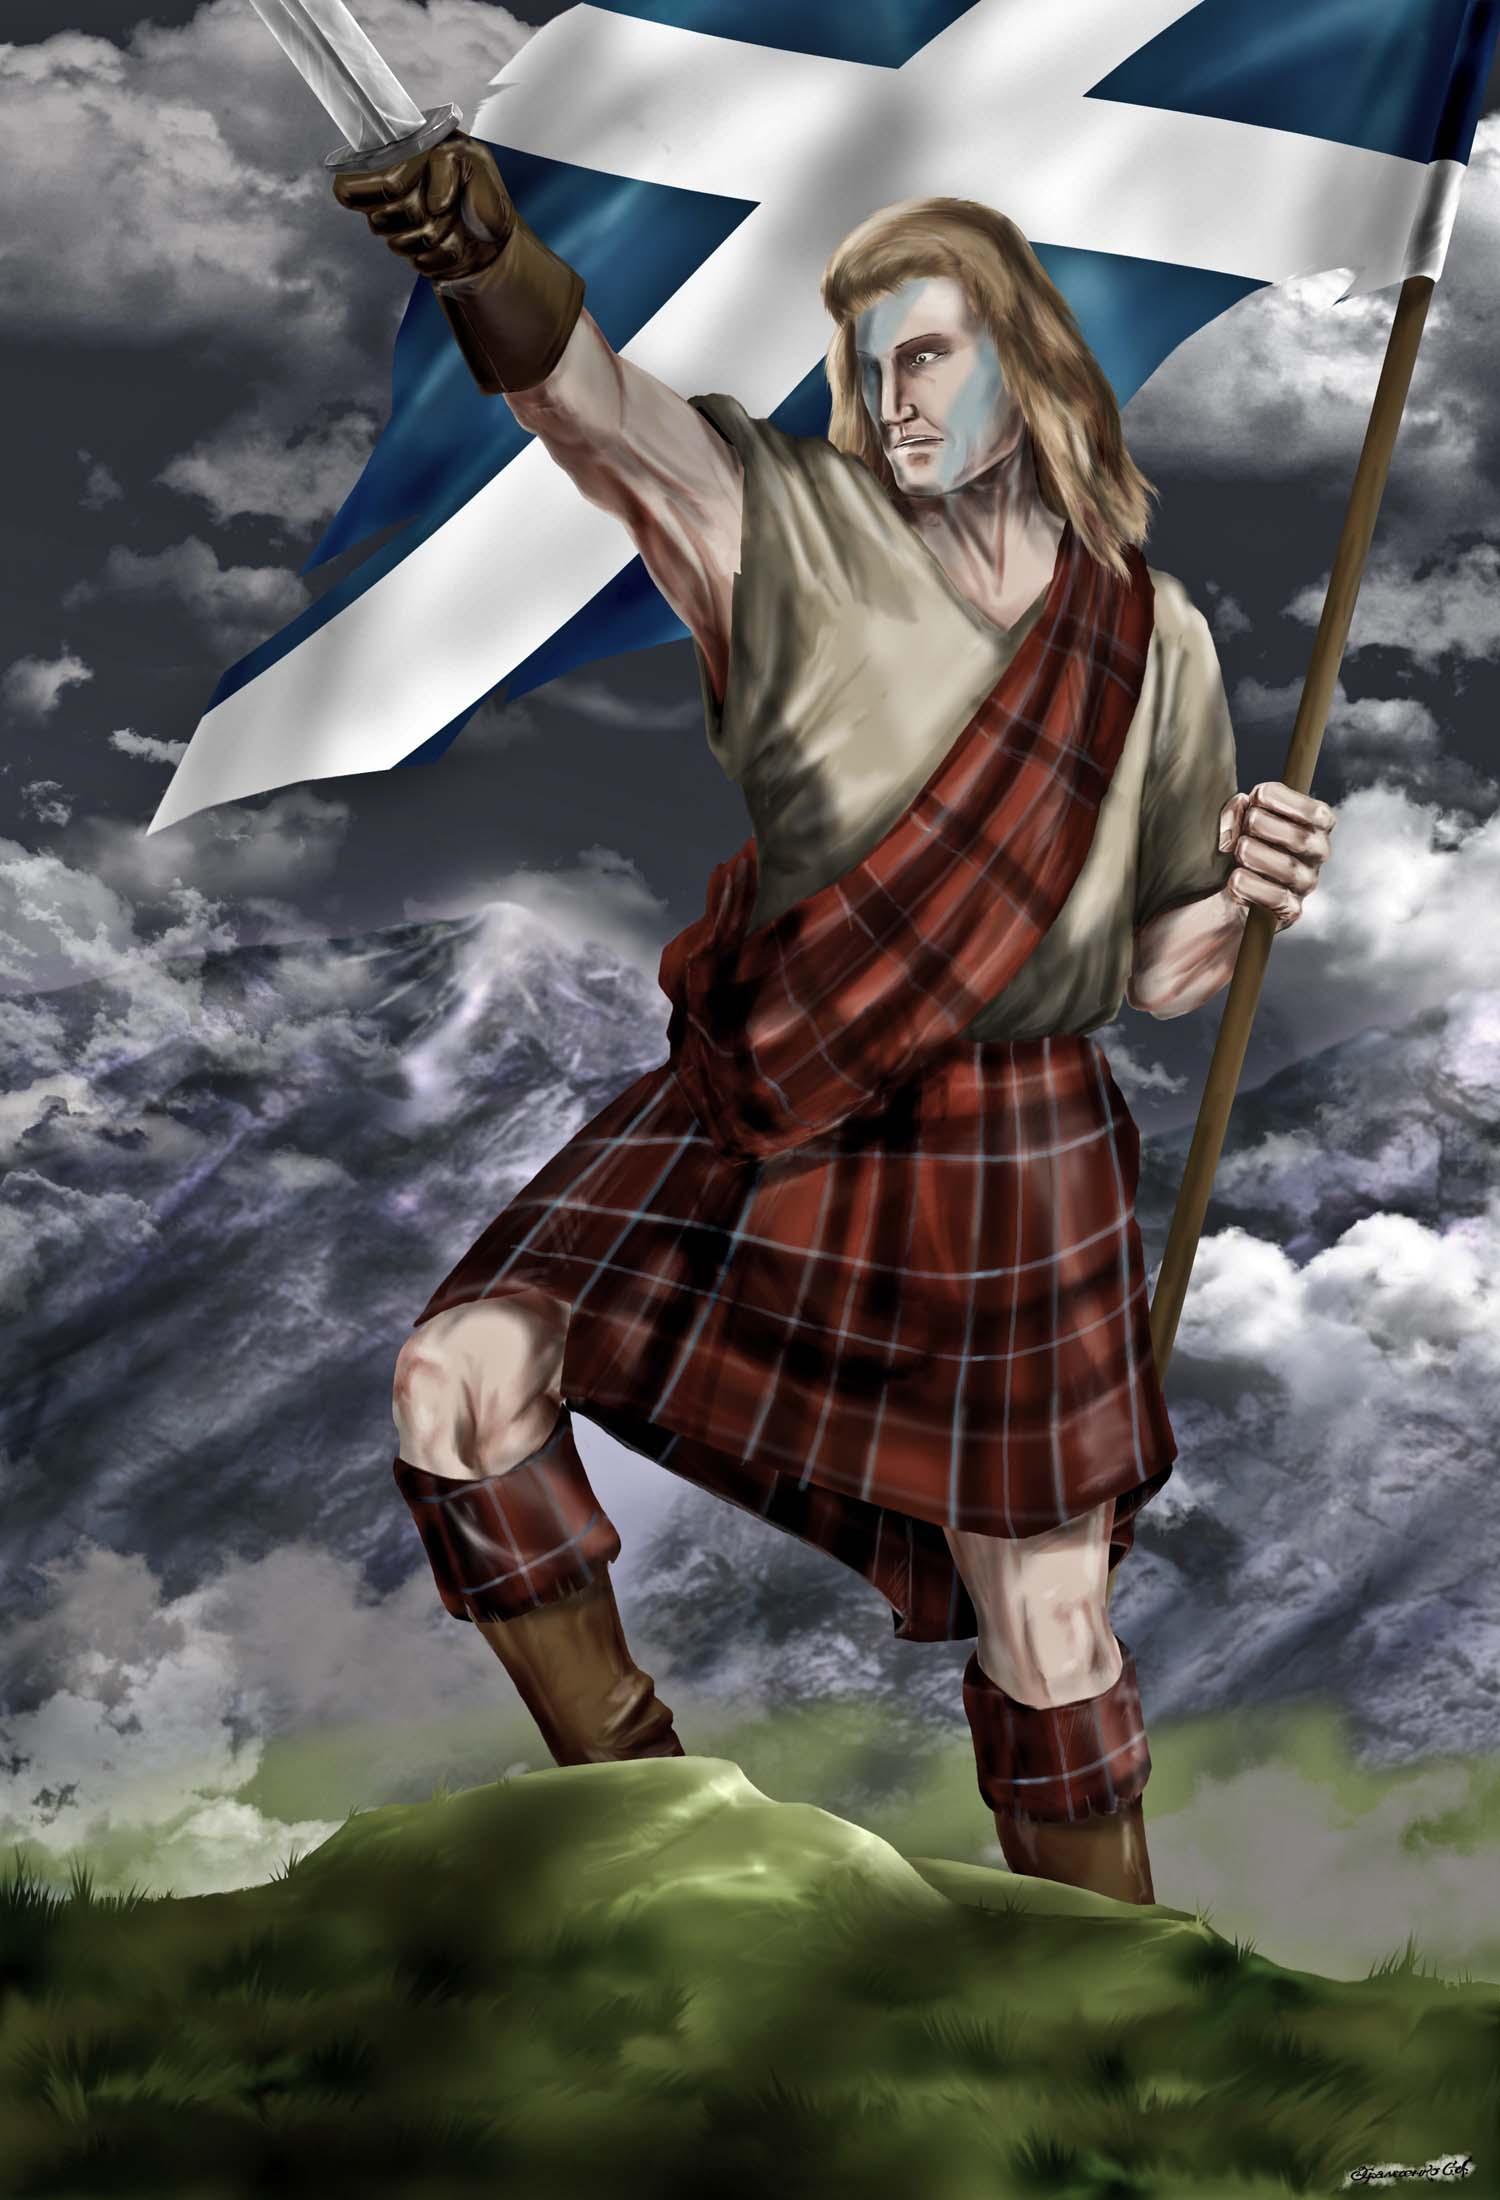 середины картинки шотландцев художниками шотландии середине мая побывала